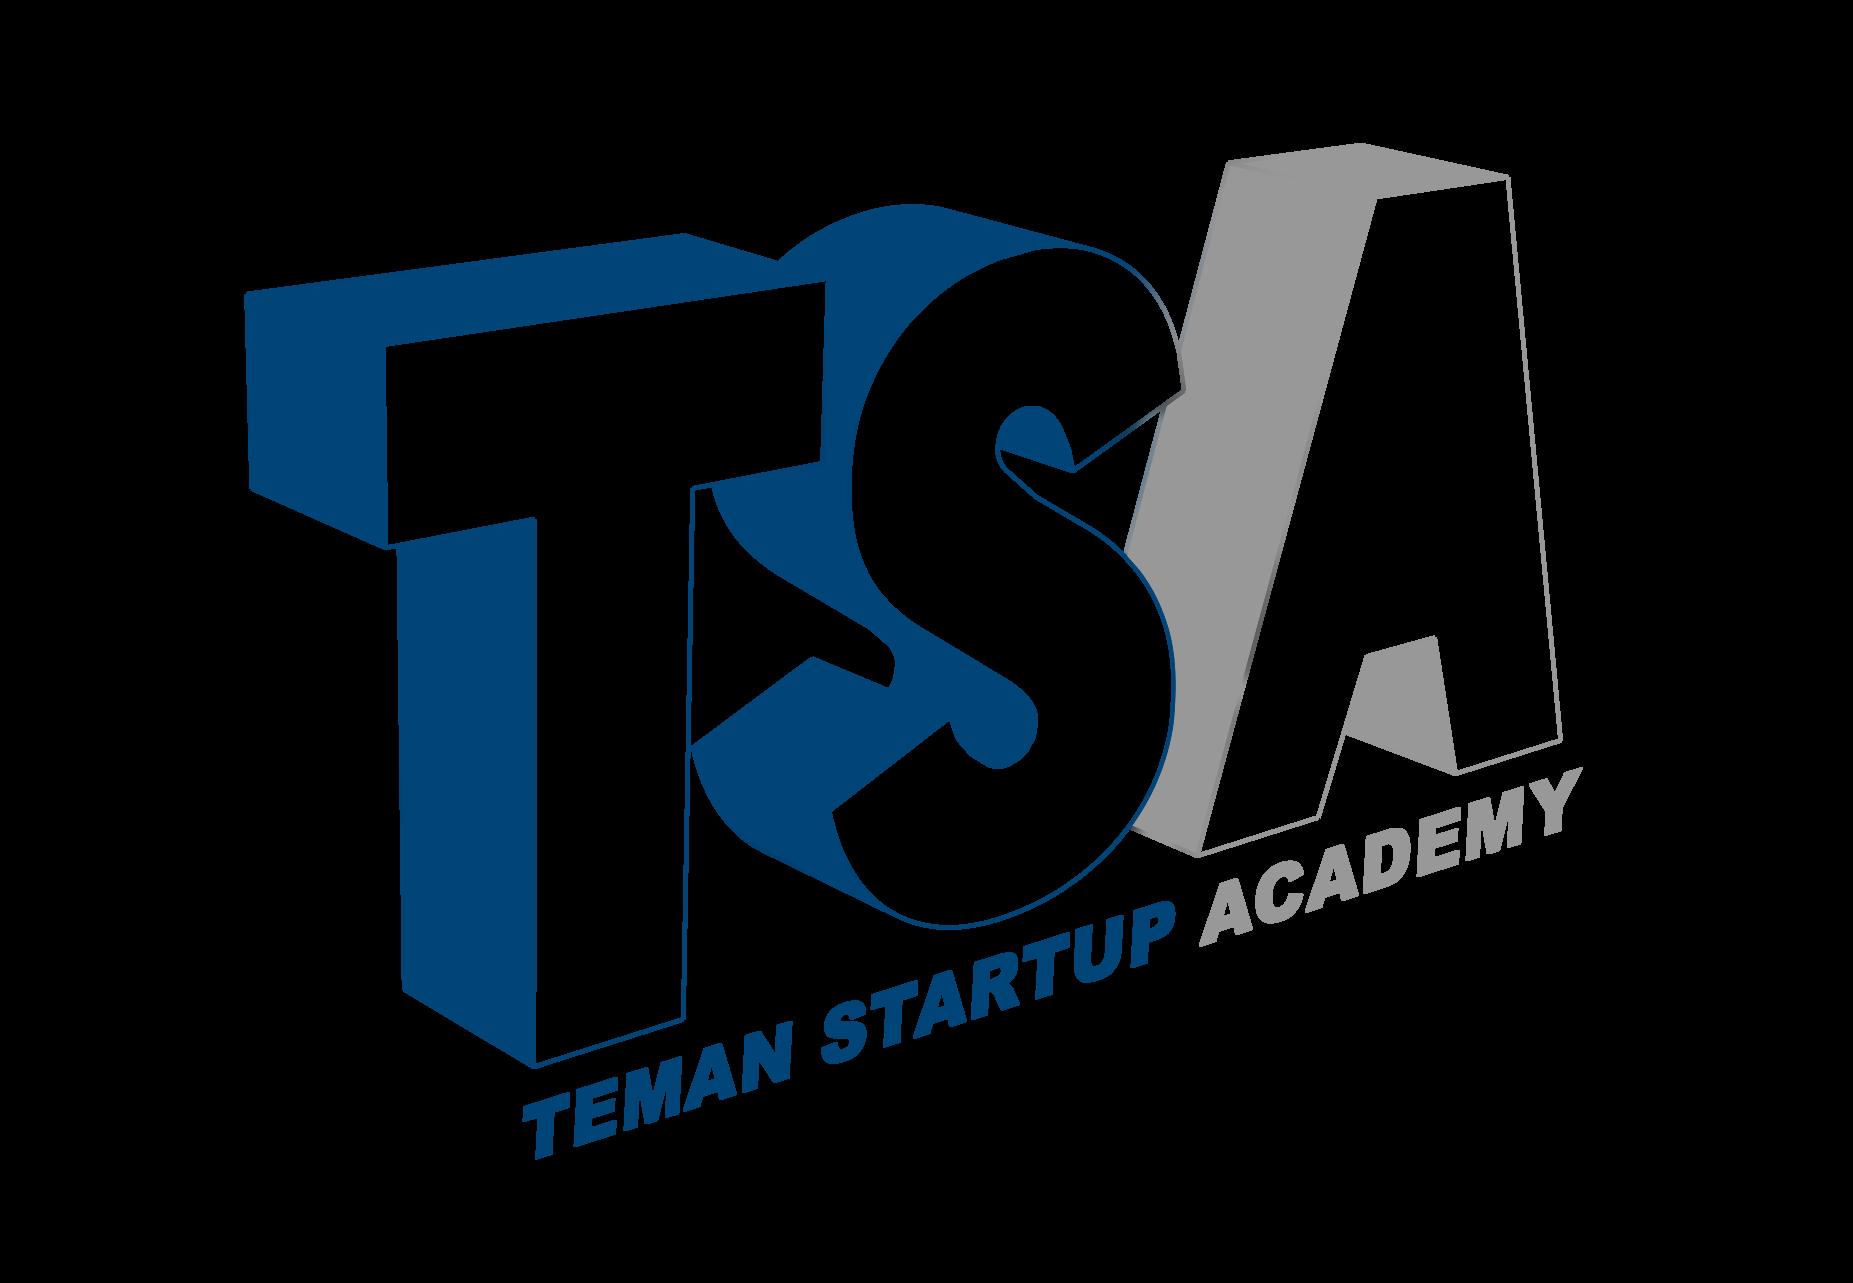 Teman Startup Academy